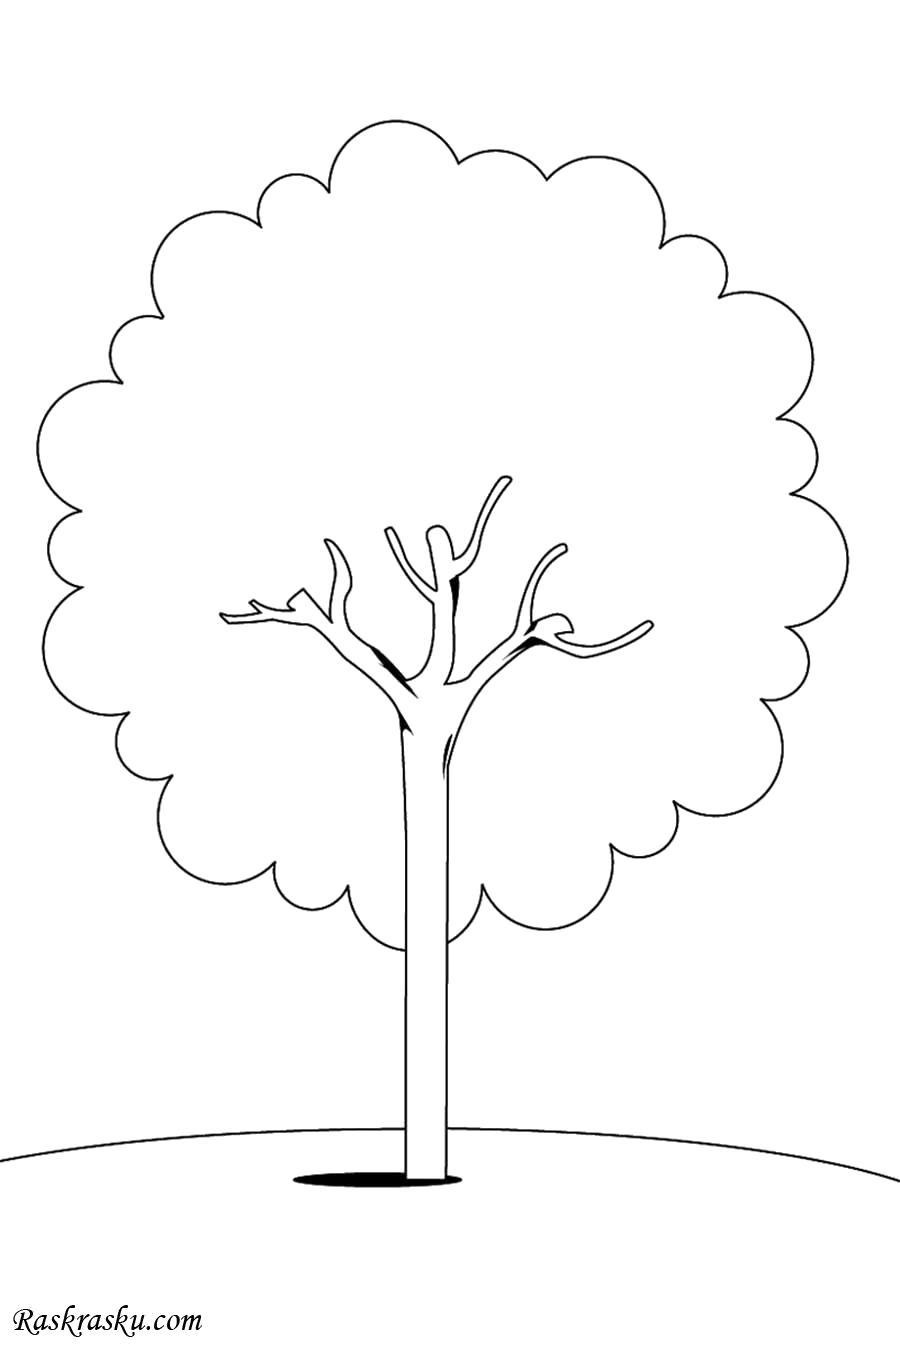 Раскраска Каштан. Скачать деревья.  Распечатать деревья